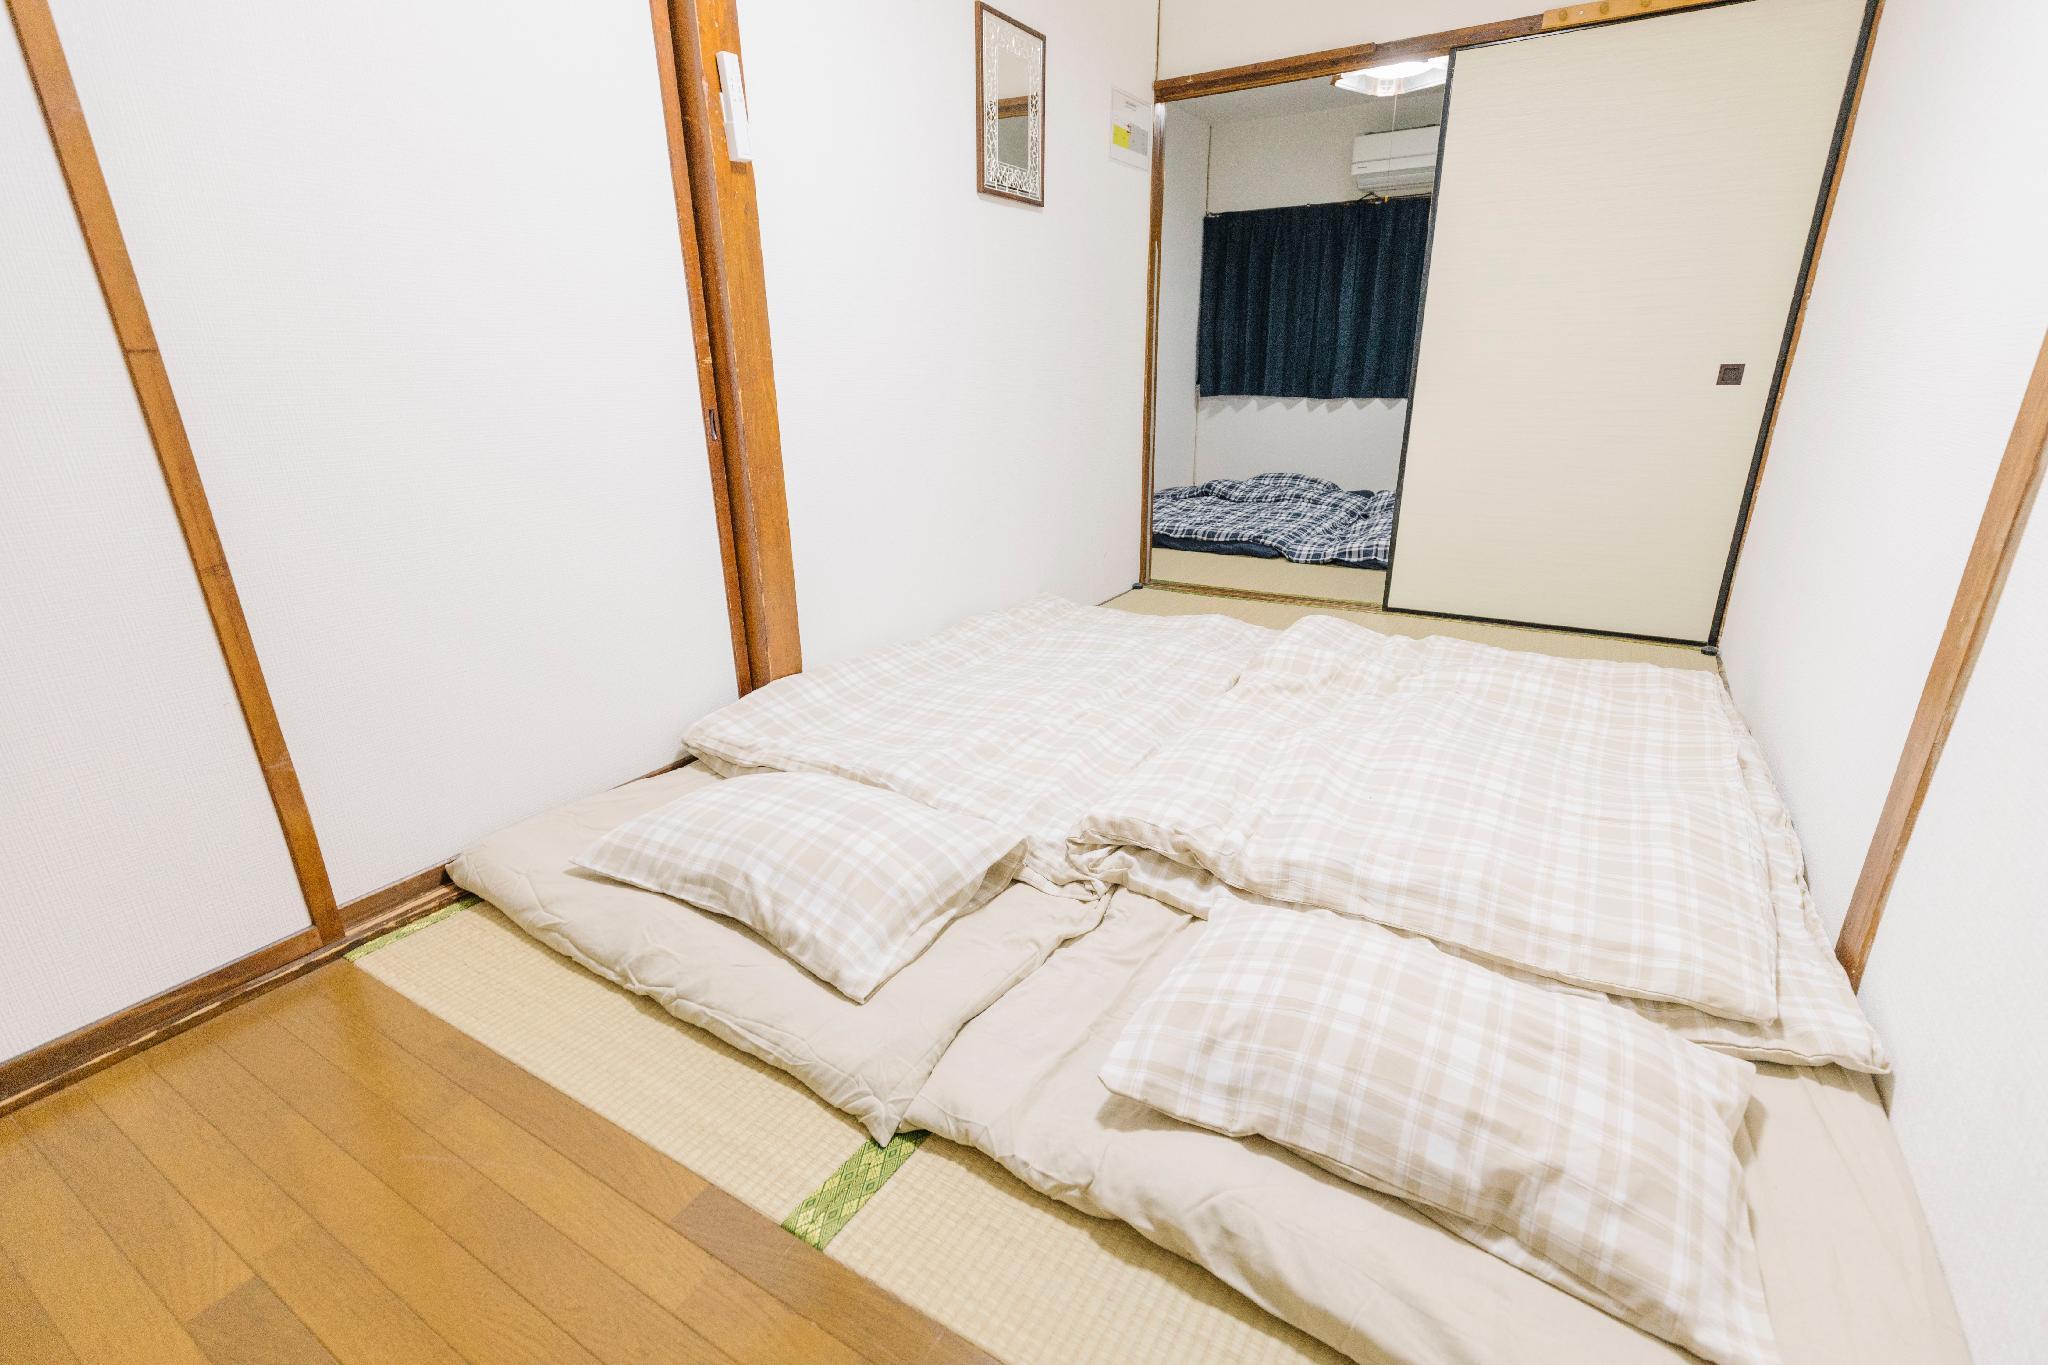 Hou Ke West Kujou Hajime Households Build 2 Storey